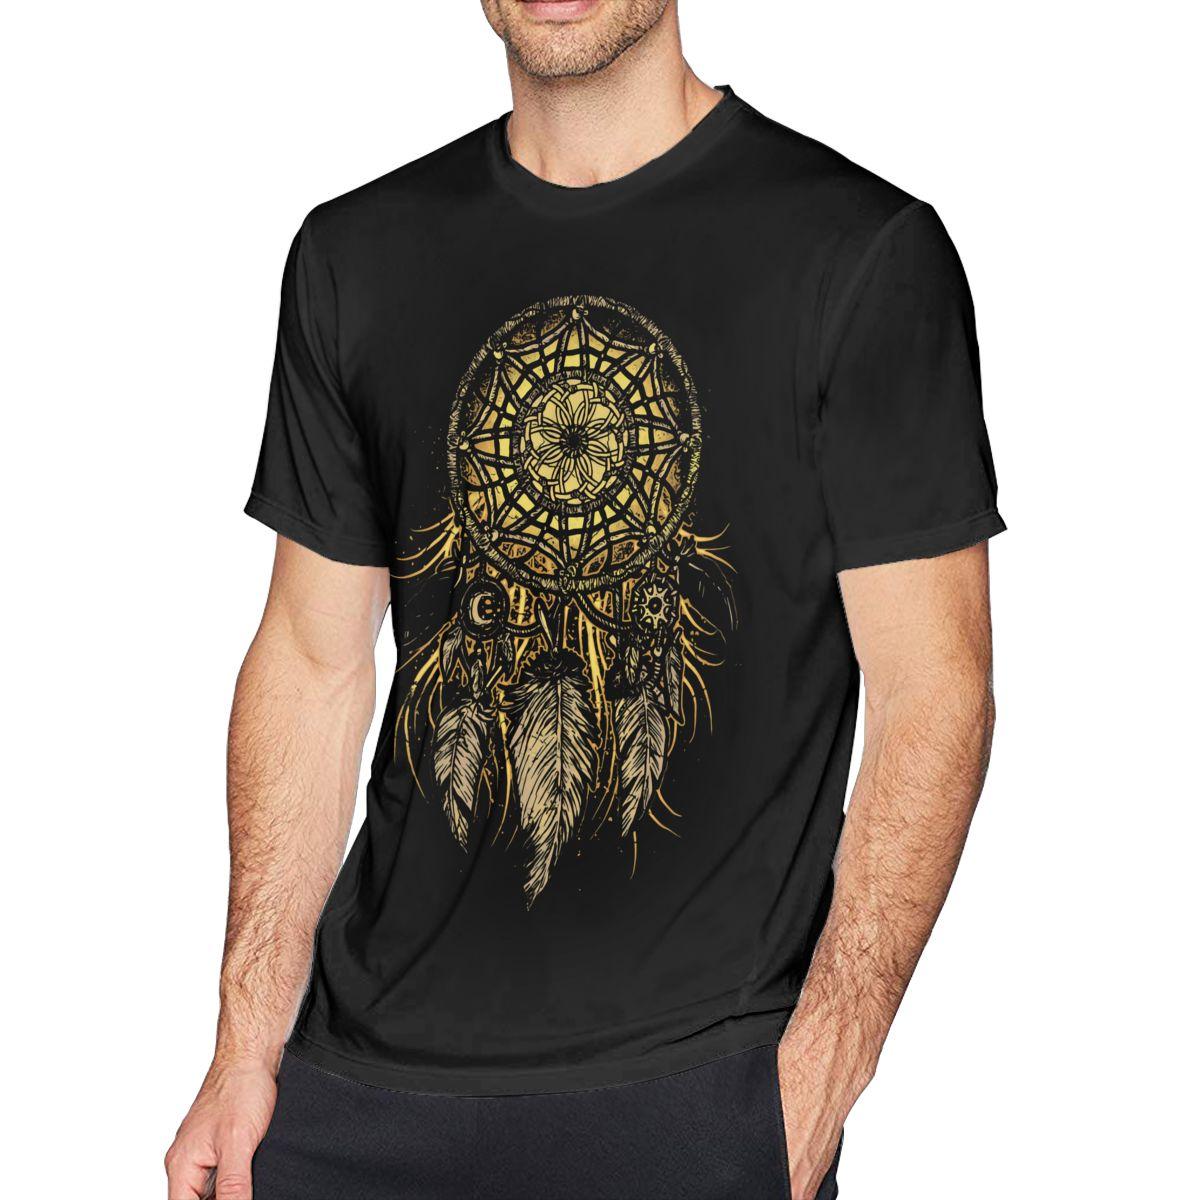 Camiseta atrapasueños grande, camiseta atrapasueños para hombre impresionante, camiseta gráfica de algodón para playa, camiseta de talla grande